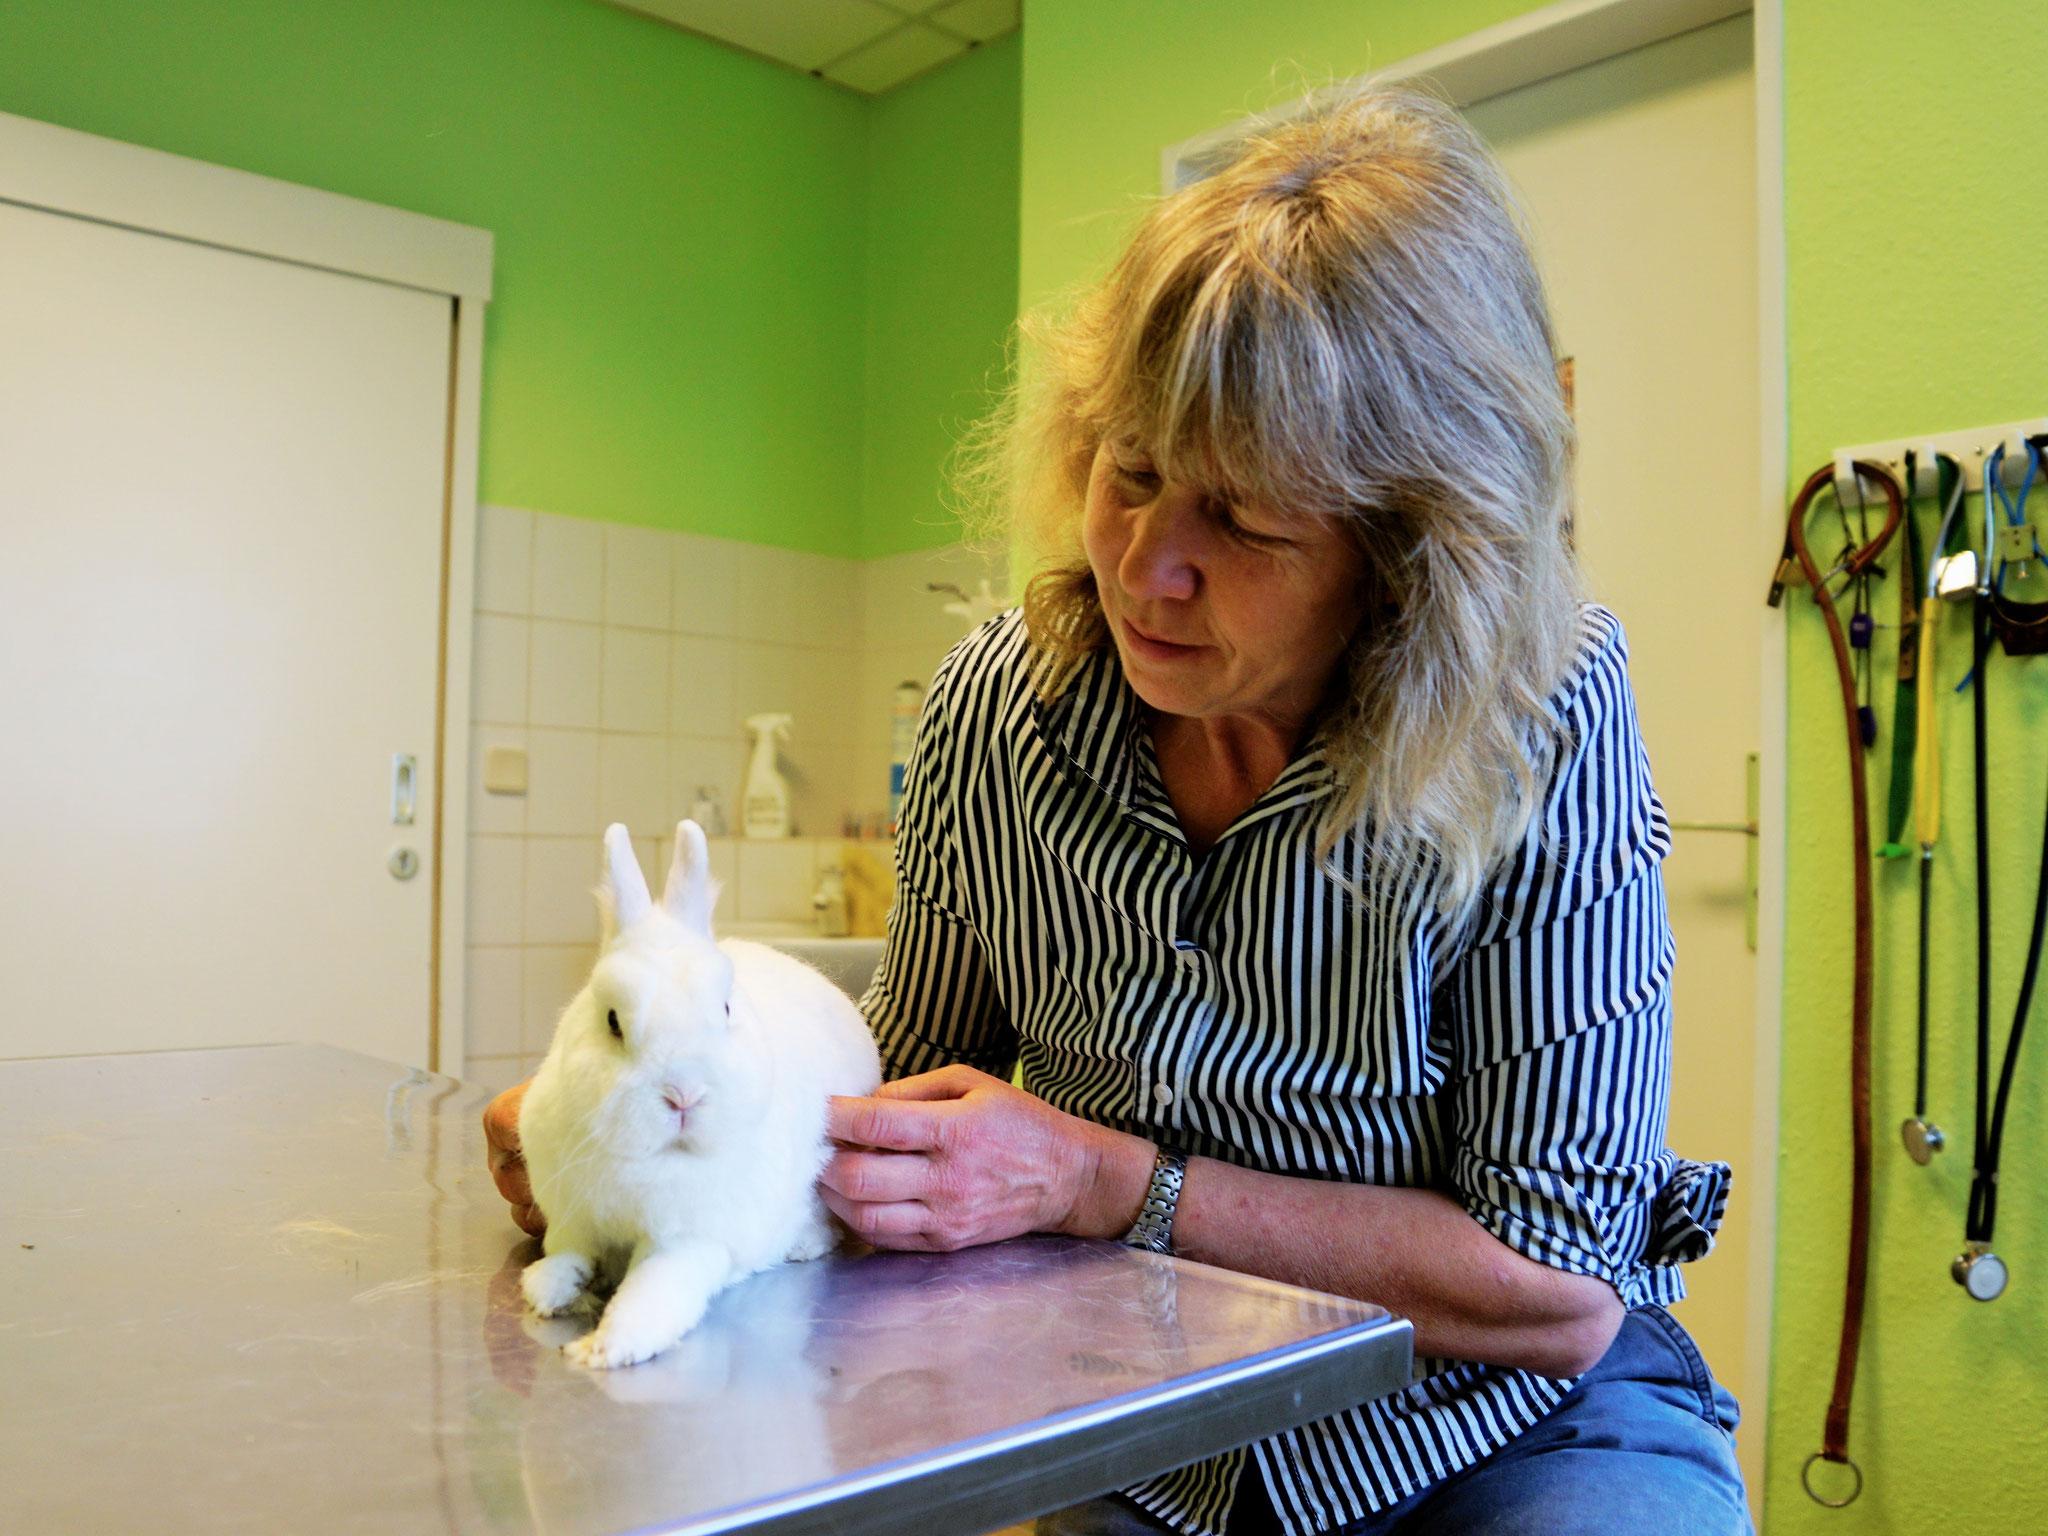 Wegen ihres empfindlichen Verdauungstrakts ist das Abtasten des Abdomens bei Kaninchen ein wichtiger Bestandteil der Untersuchung.